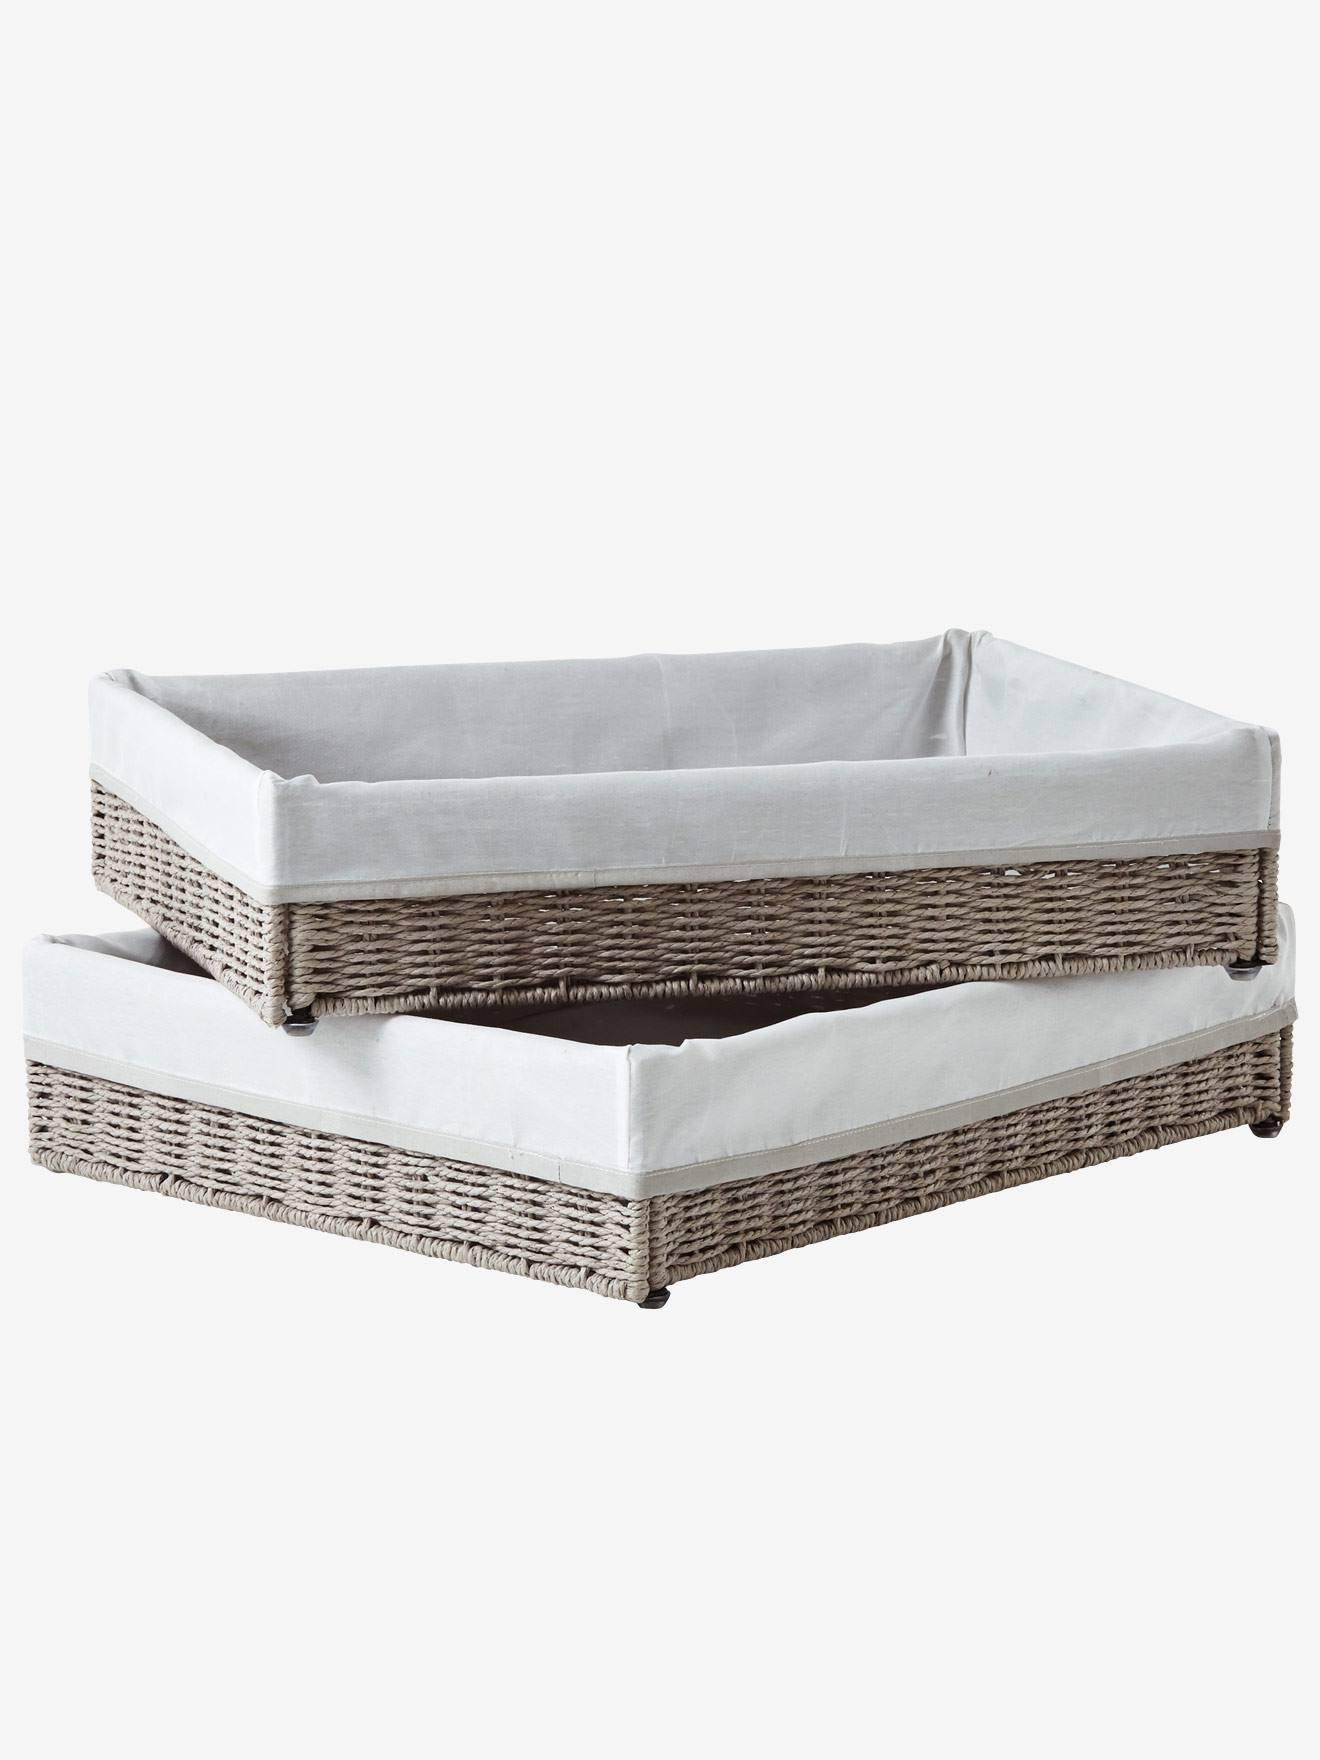 table langer d angle pas cher interesting table langer. Black Bedroom Furniture Sets. Home Design Ideas